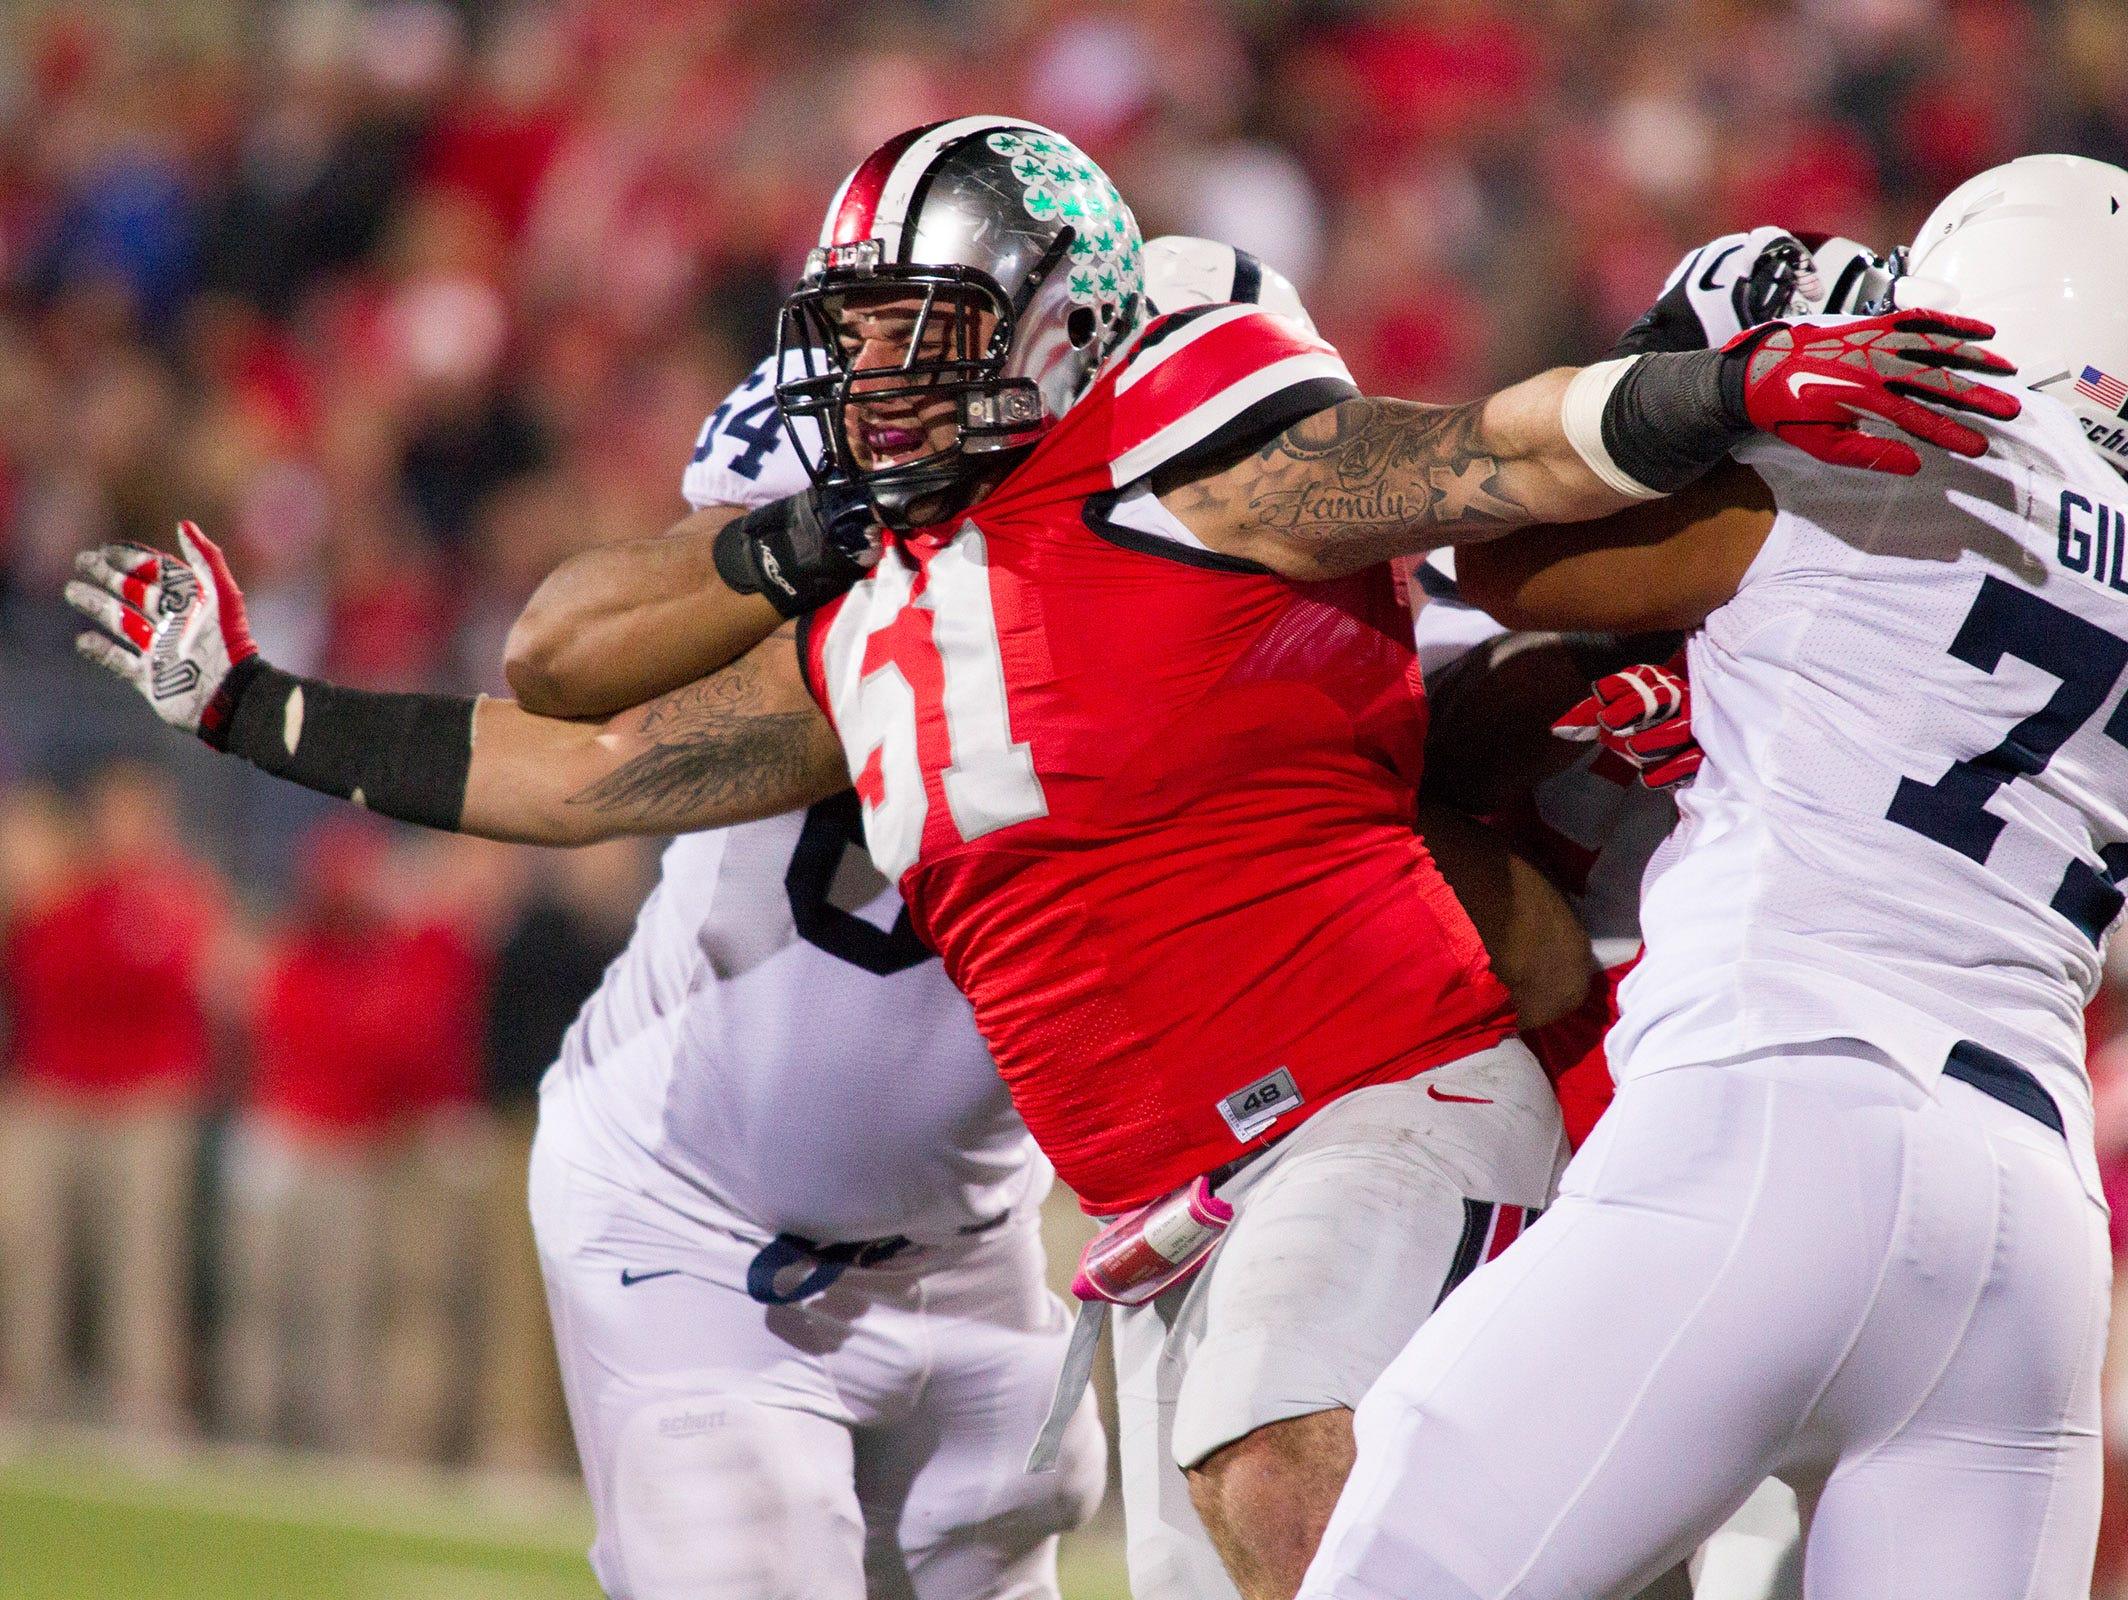 Ohio State defensive tackle Joel Hale